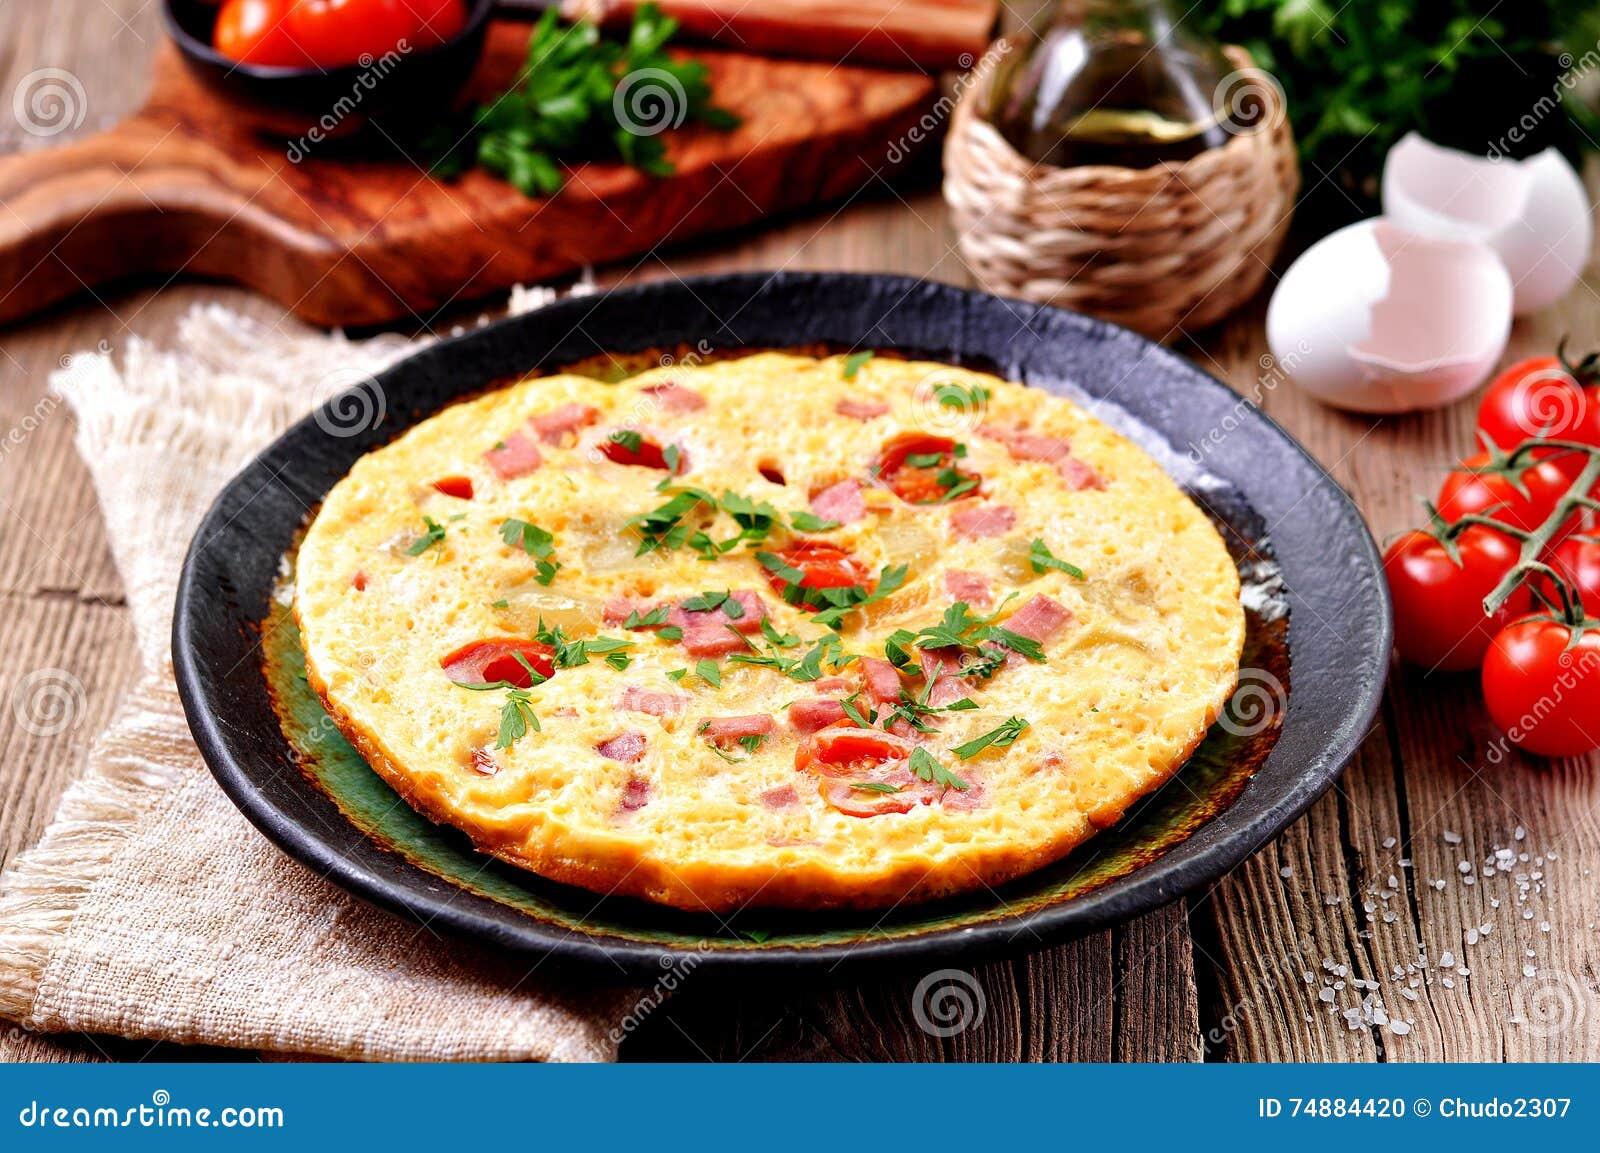 Ovos mexidos com presunto, tomate e salsa